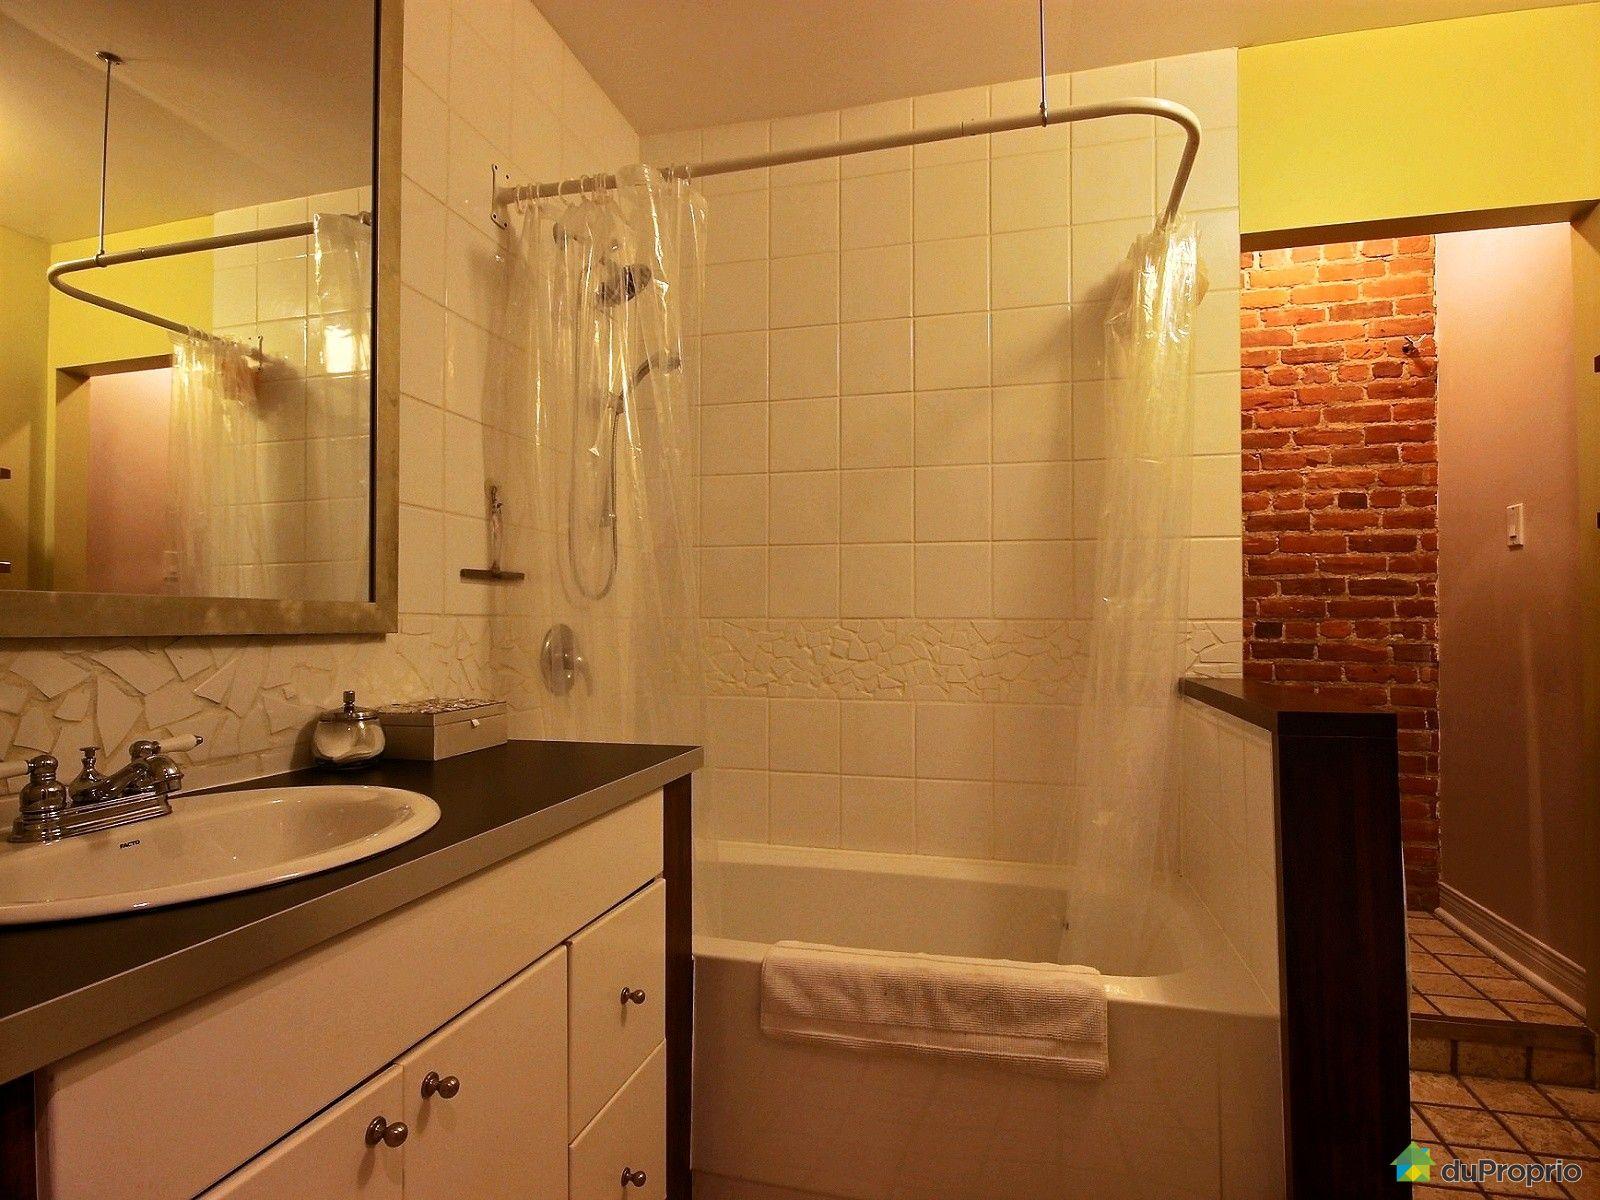 Duplex vendu montr al immobilier qu bec duproprio 645697 for Salle de bain commune a deux chambres